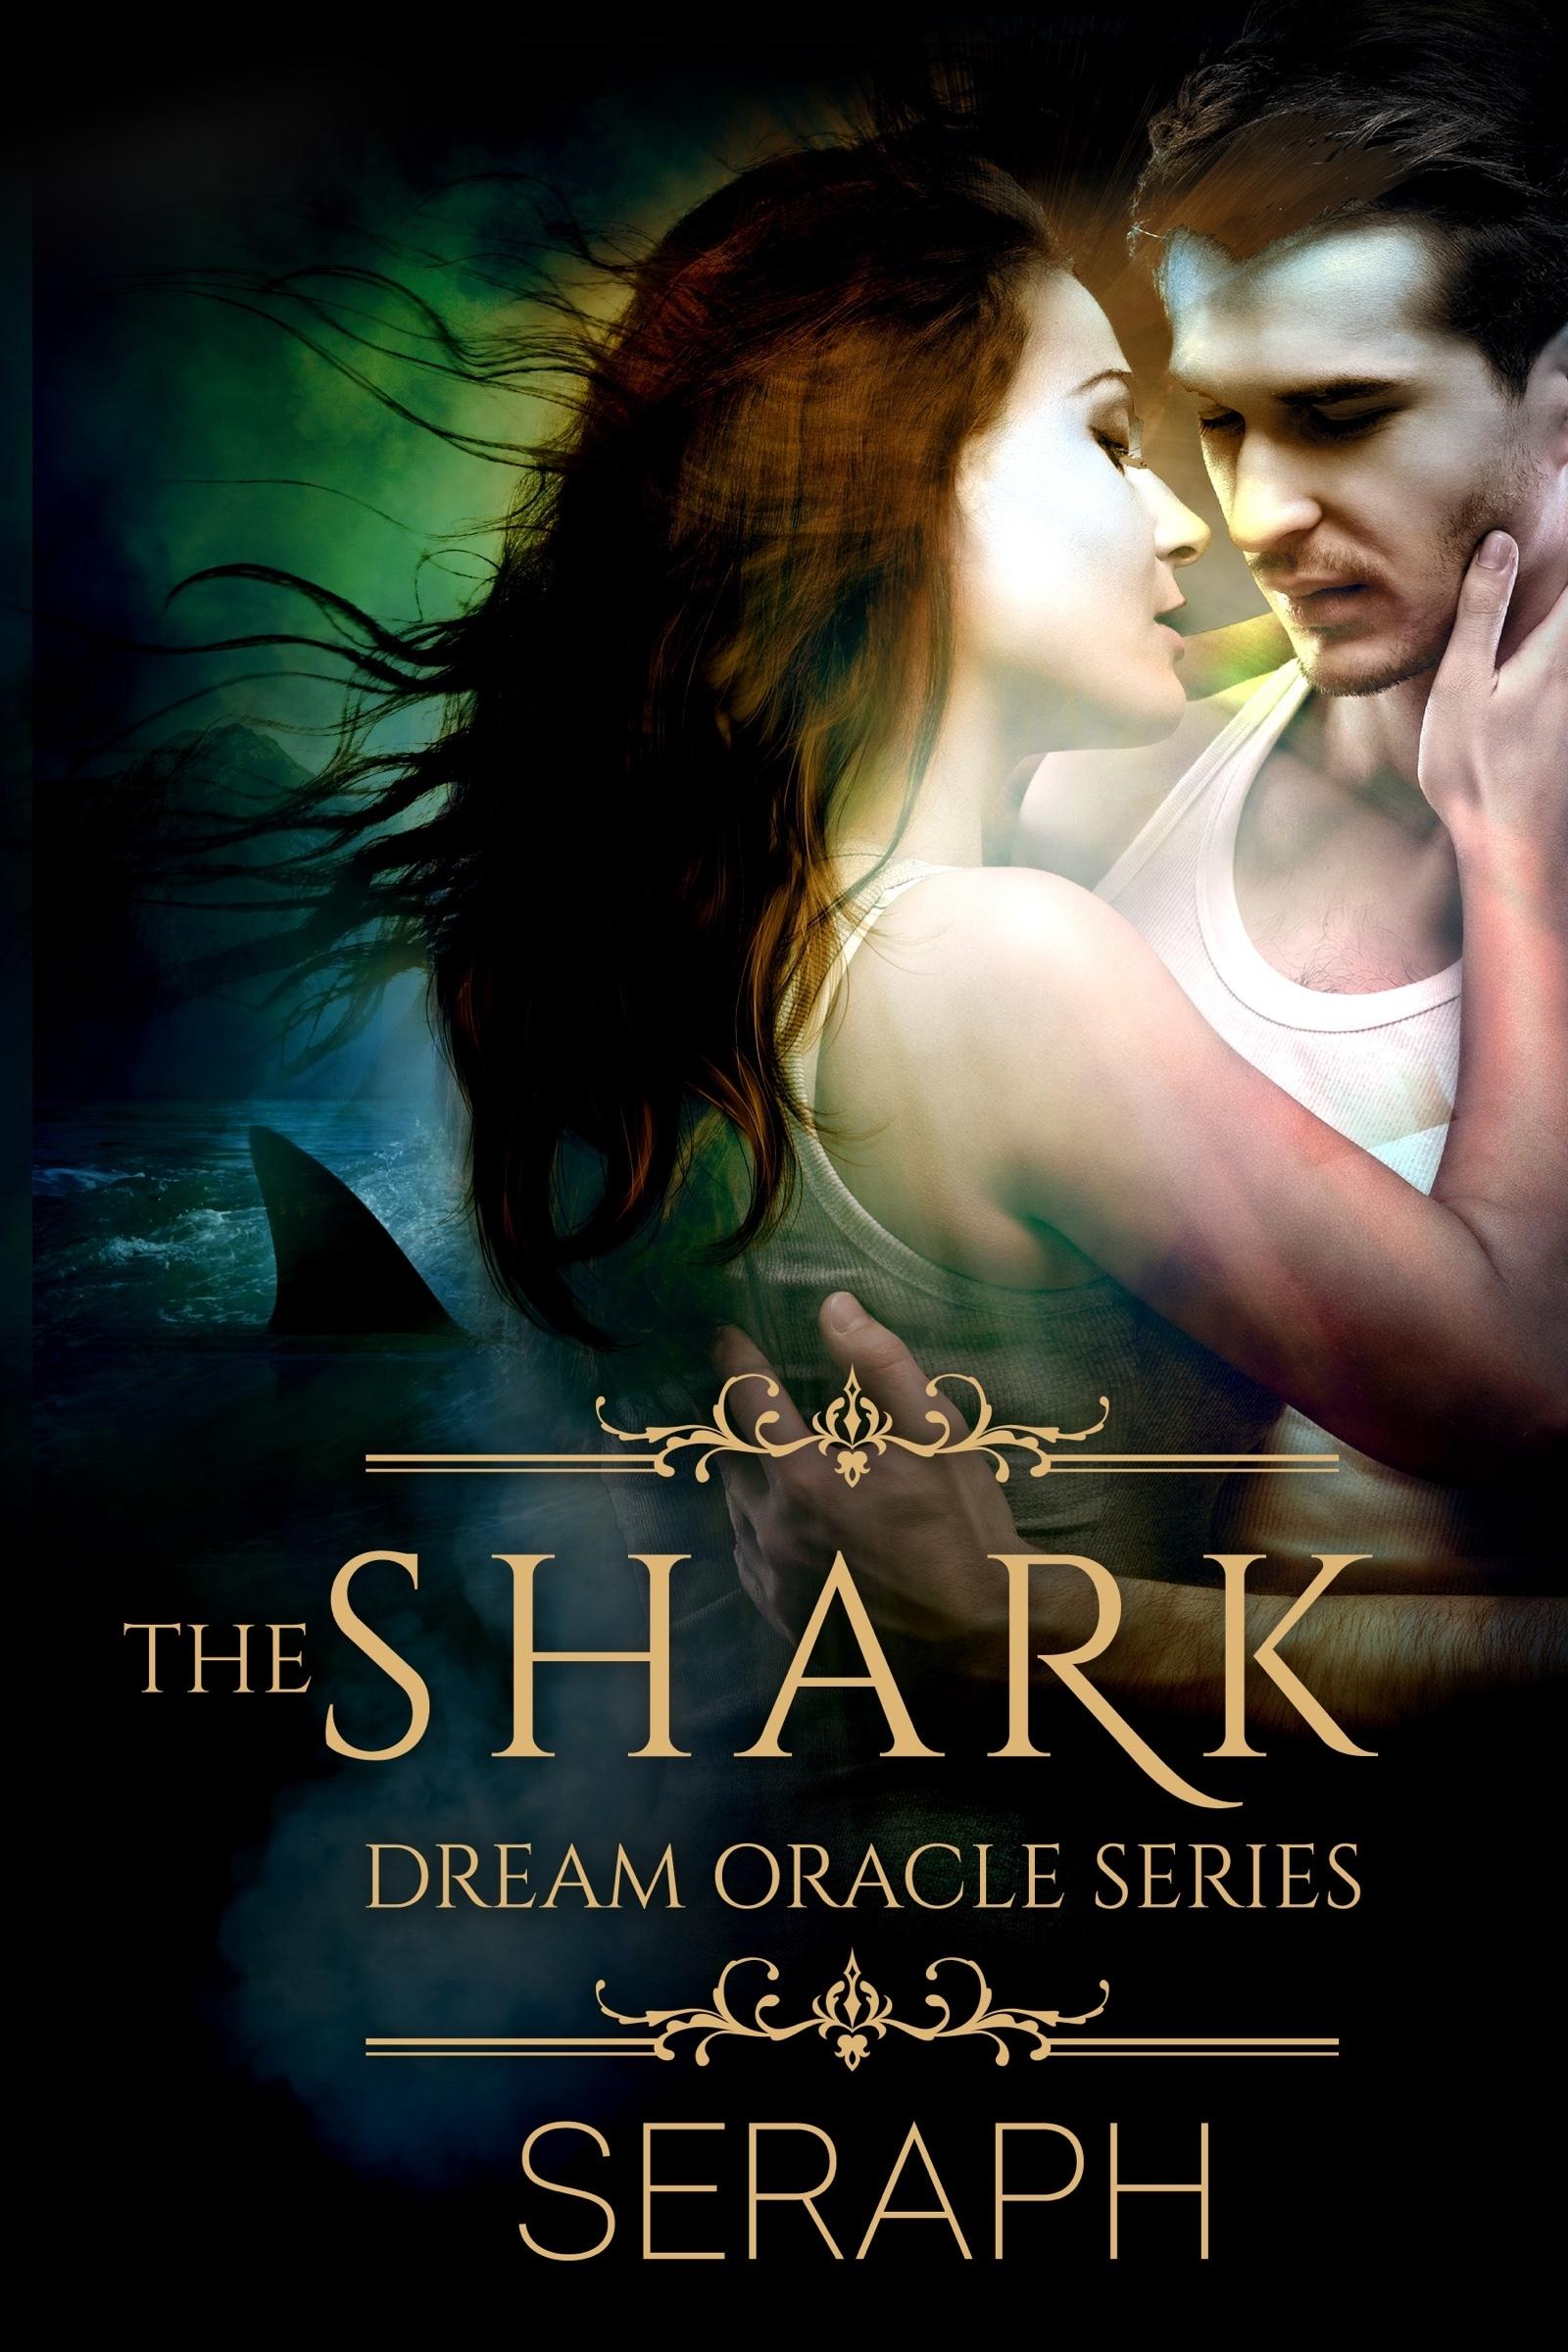 Dream Oracle Series: The Shark Seraph